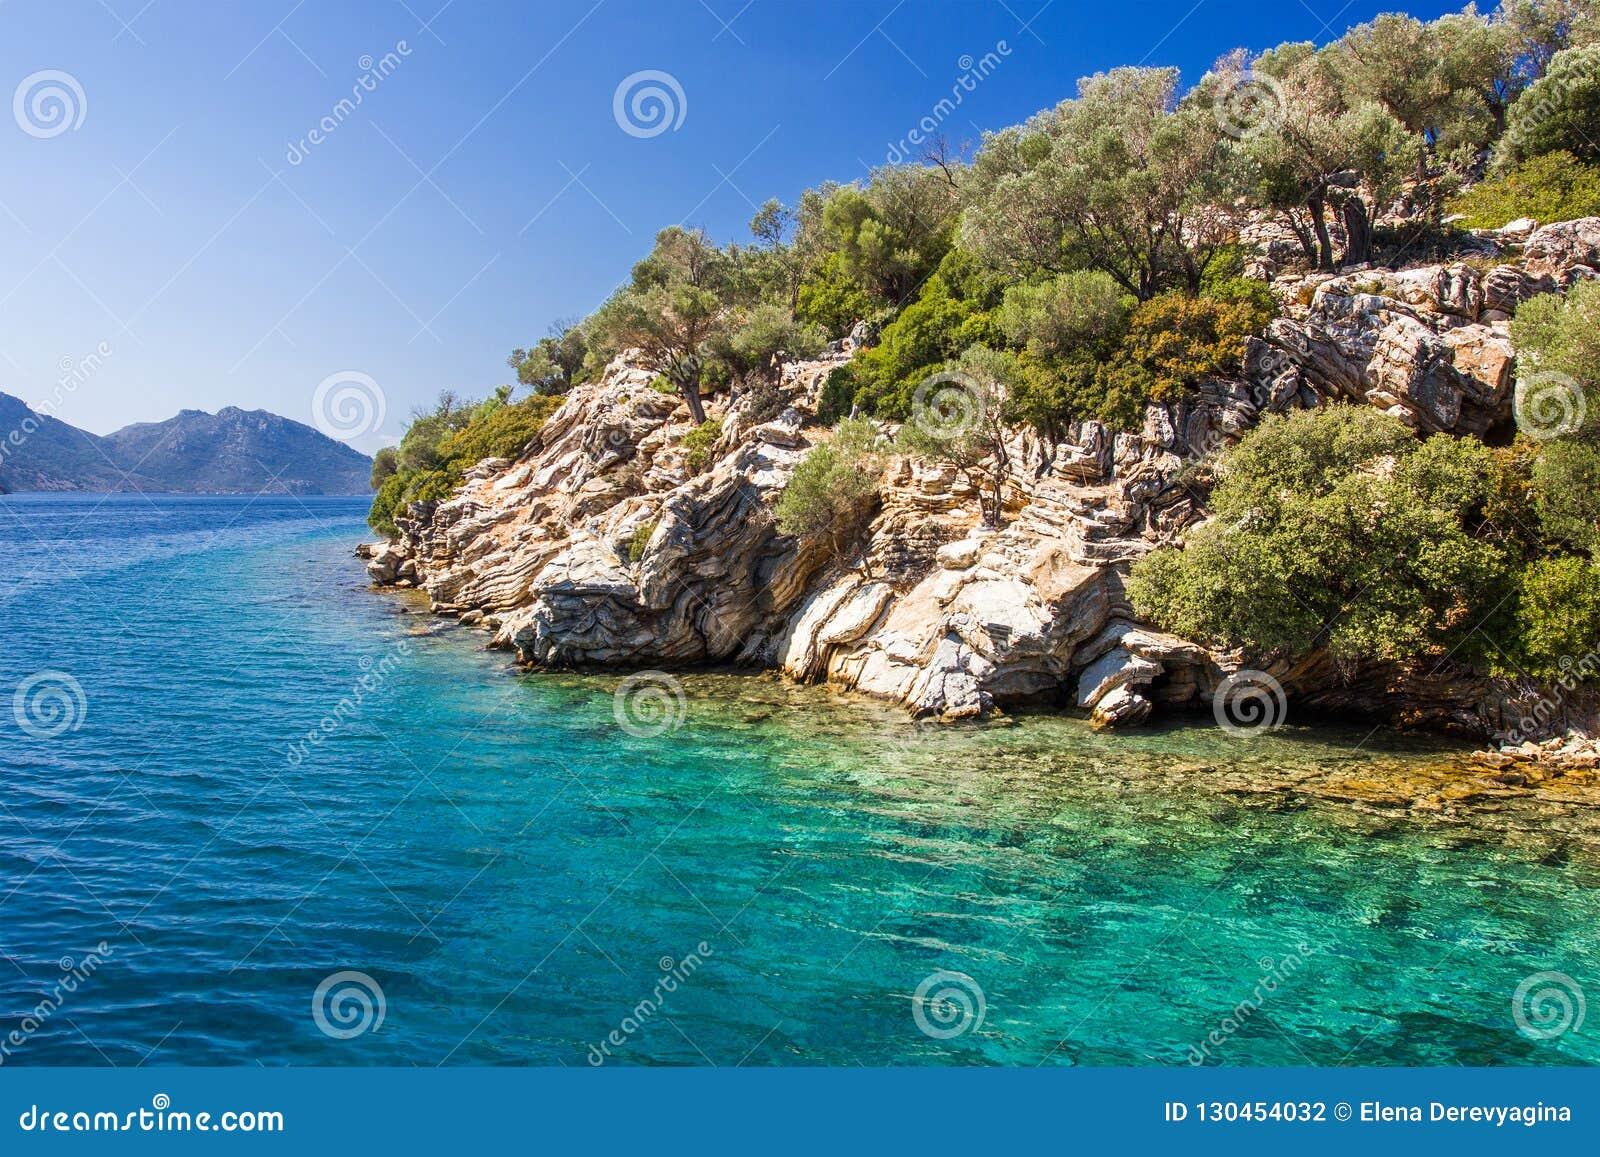 Rotsachtige kust van het eiland in het Egeïsche overzees op een duidelijke dag